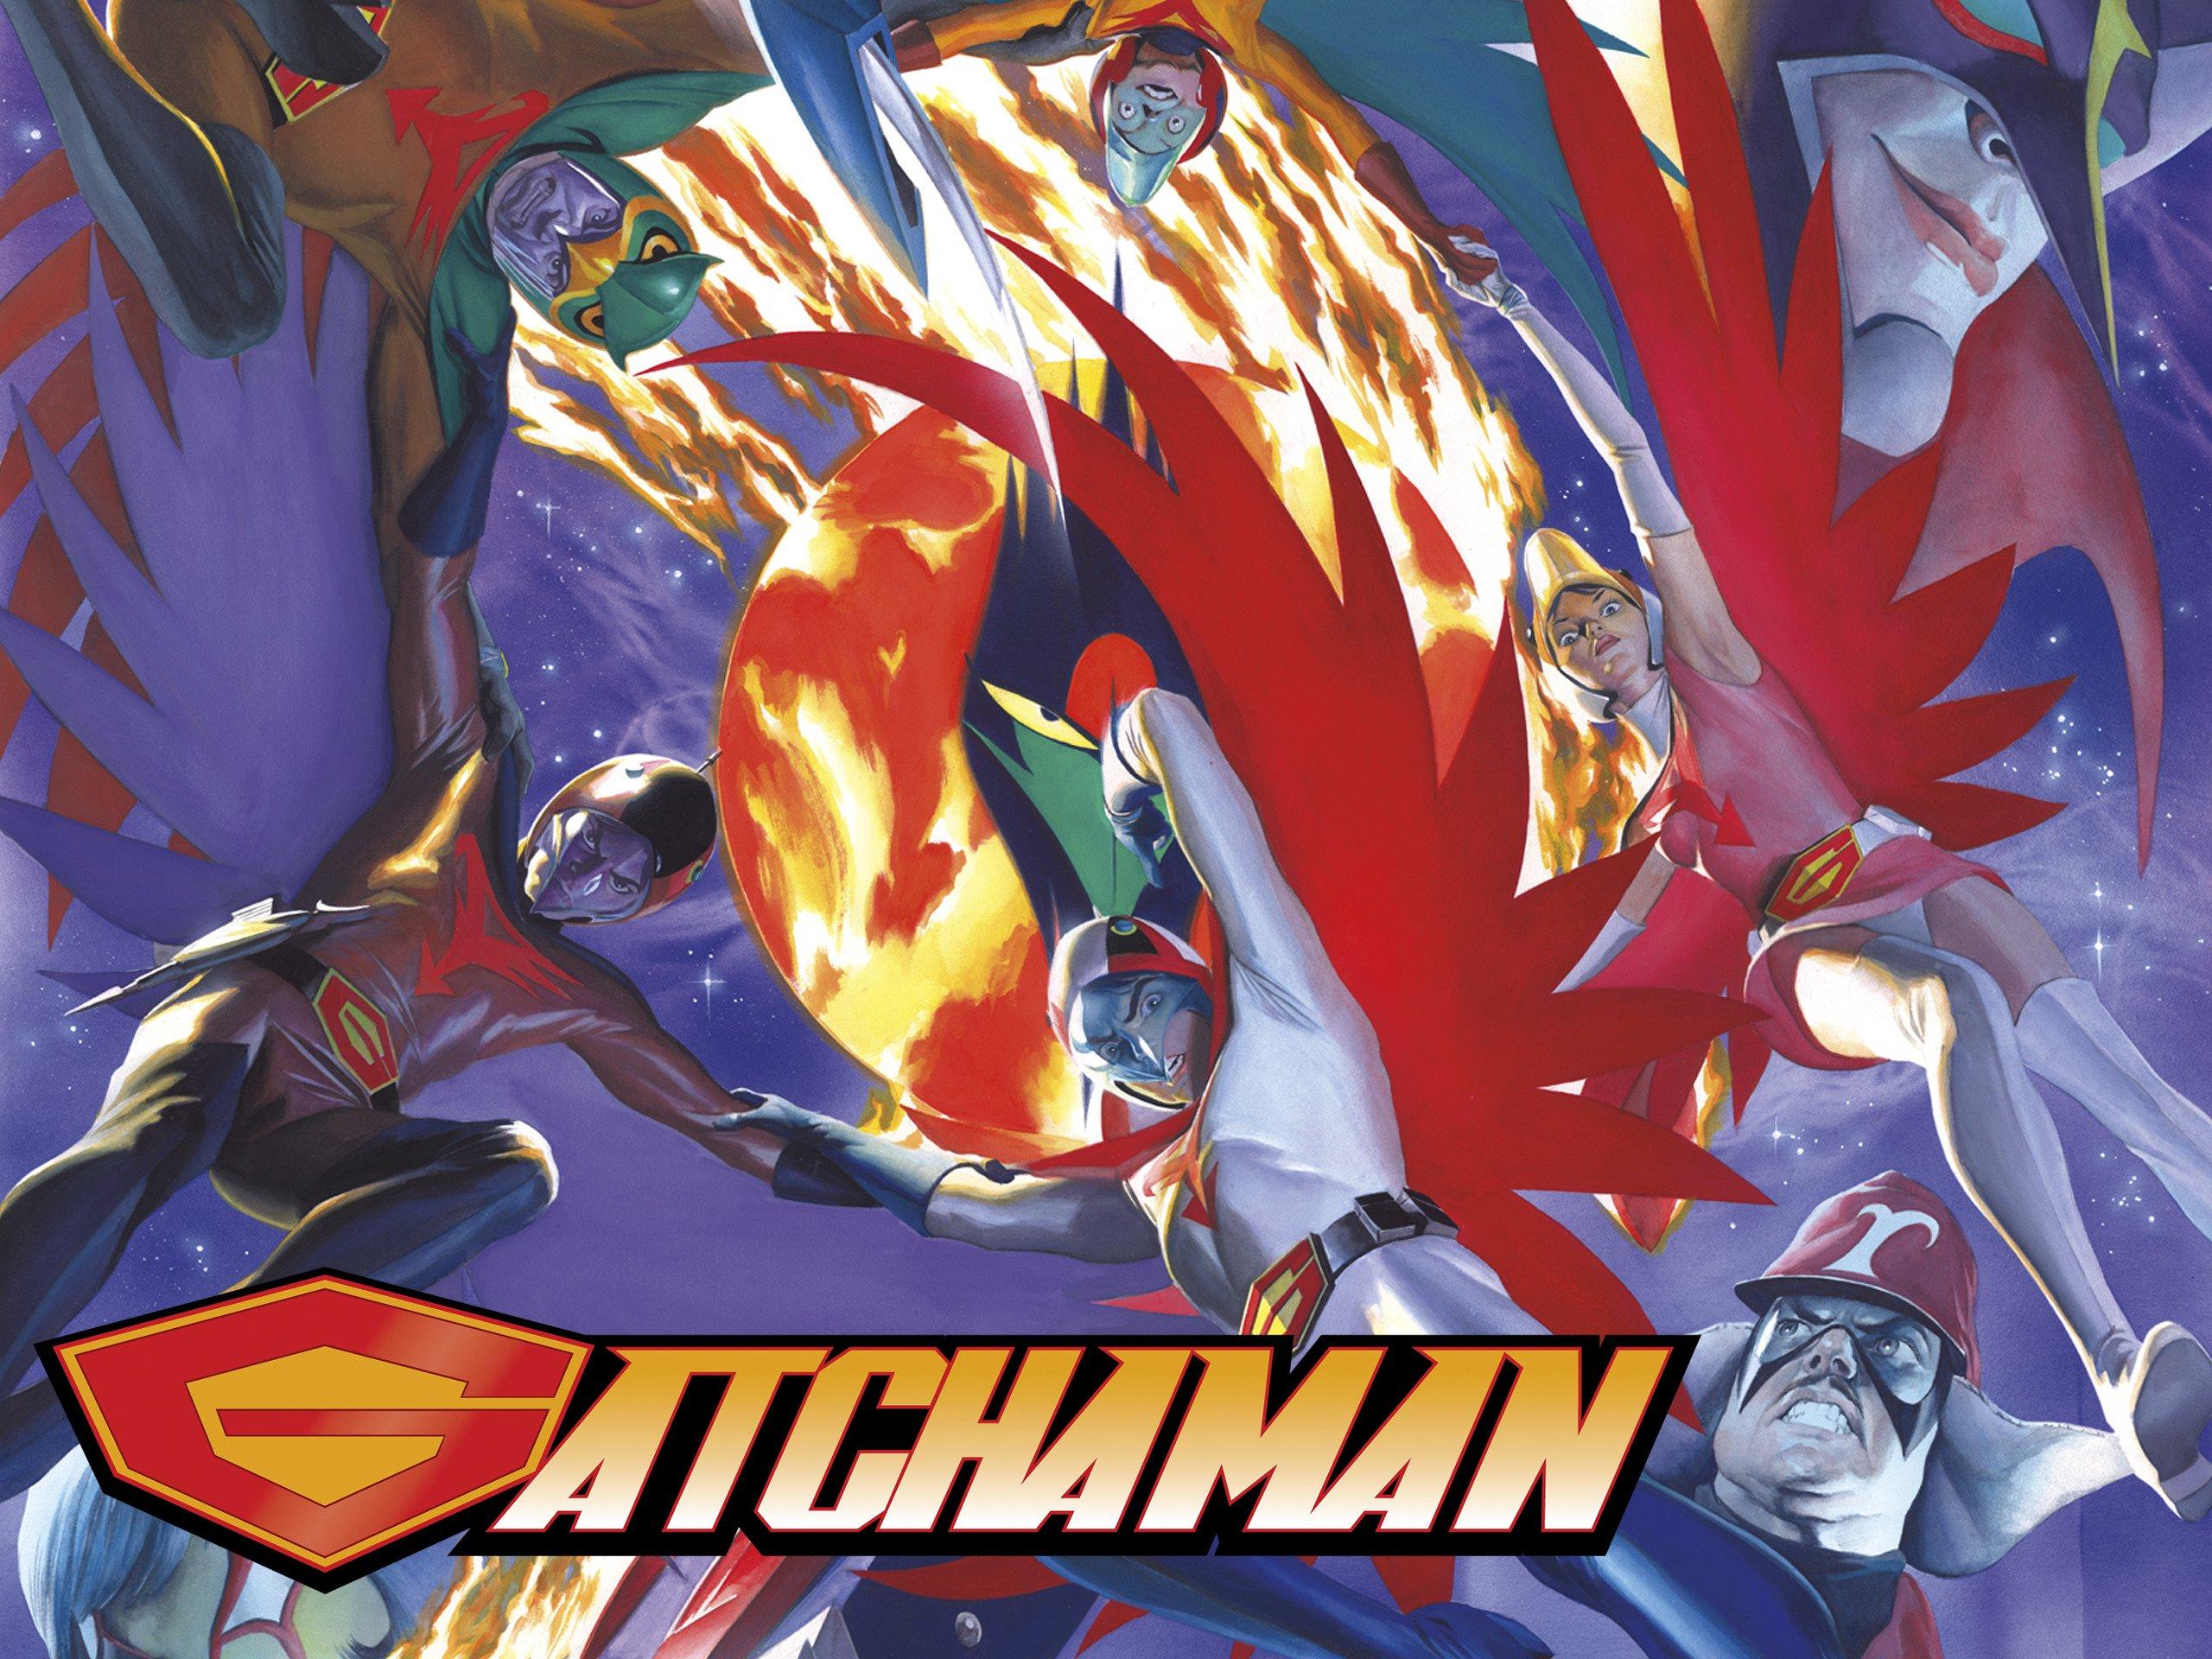 Watch Gatchaman: Season 1, Vol. 1 | Prime Video